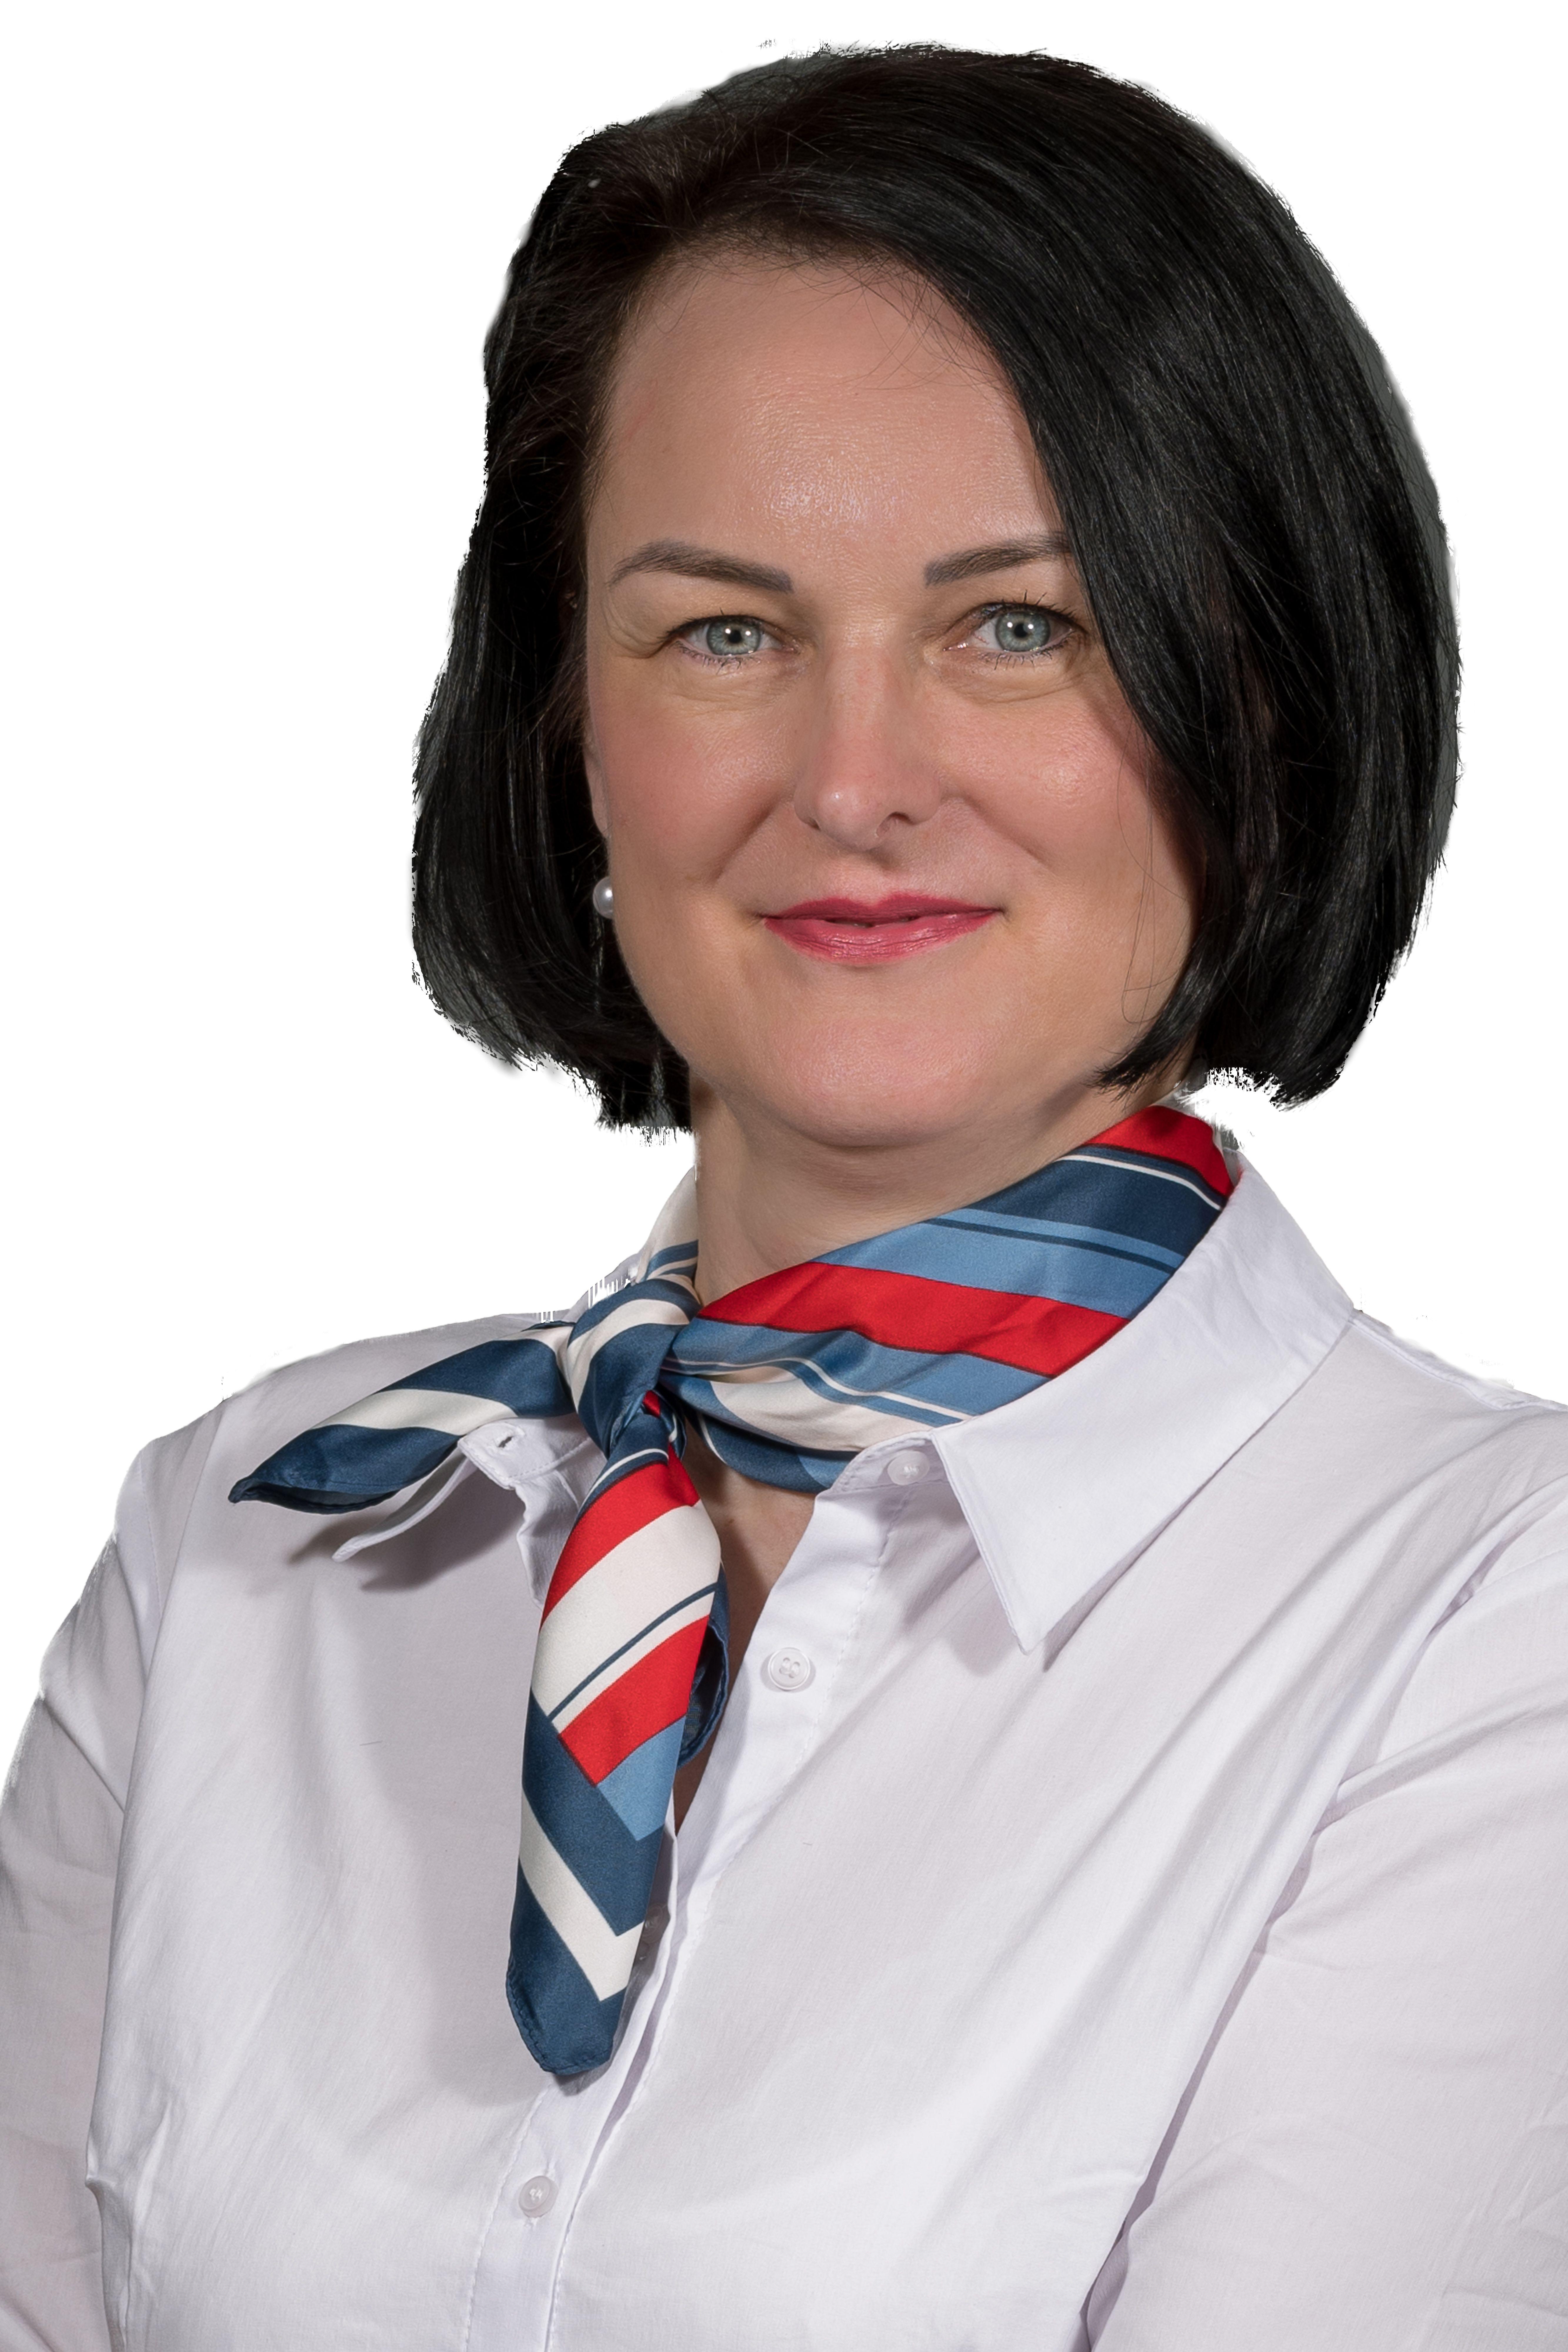 Anetta Šinkovičová